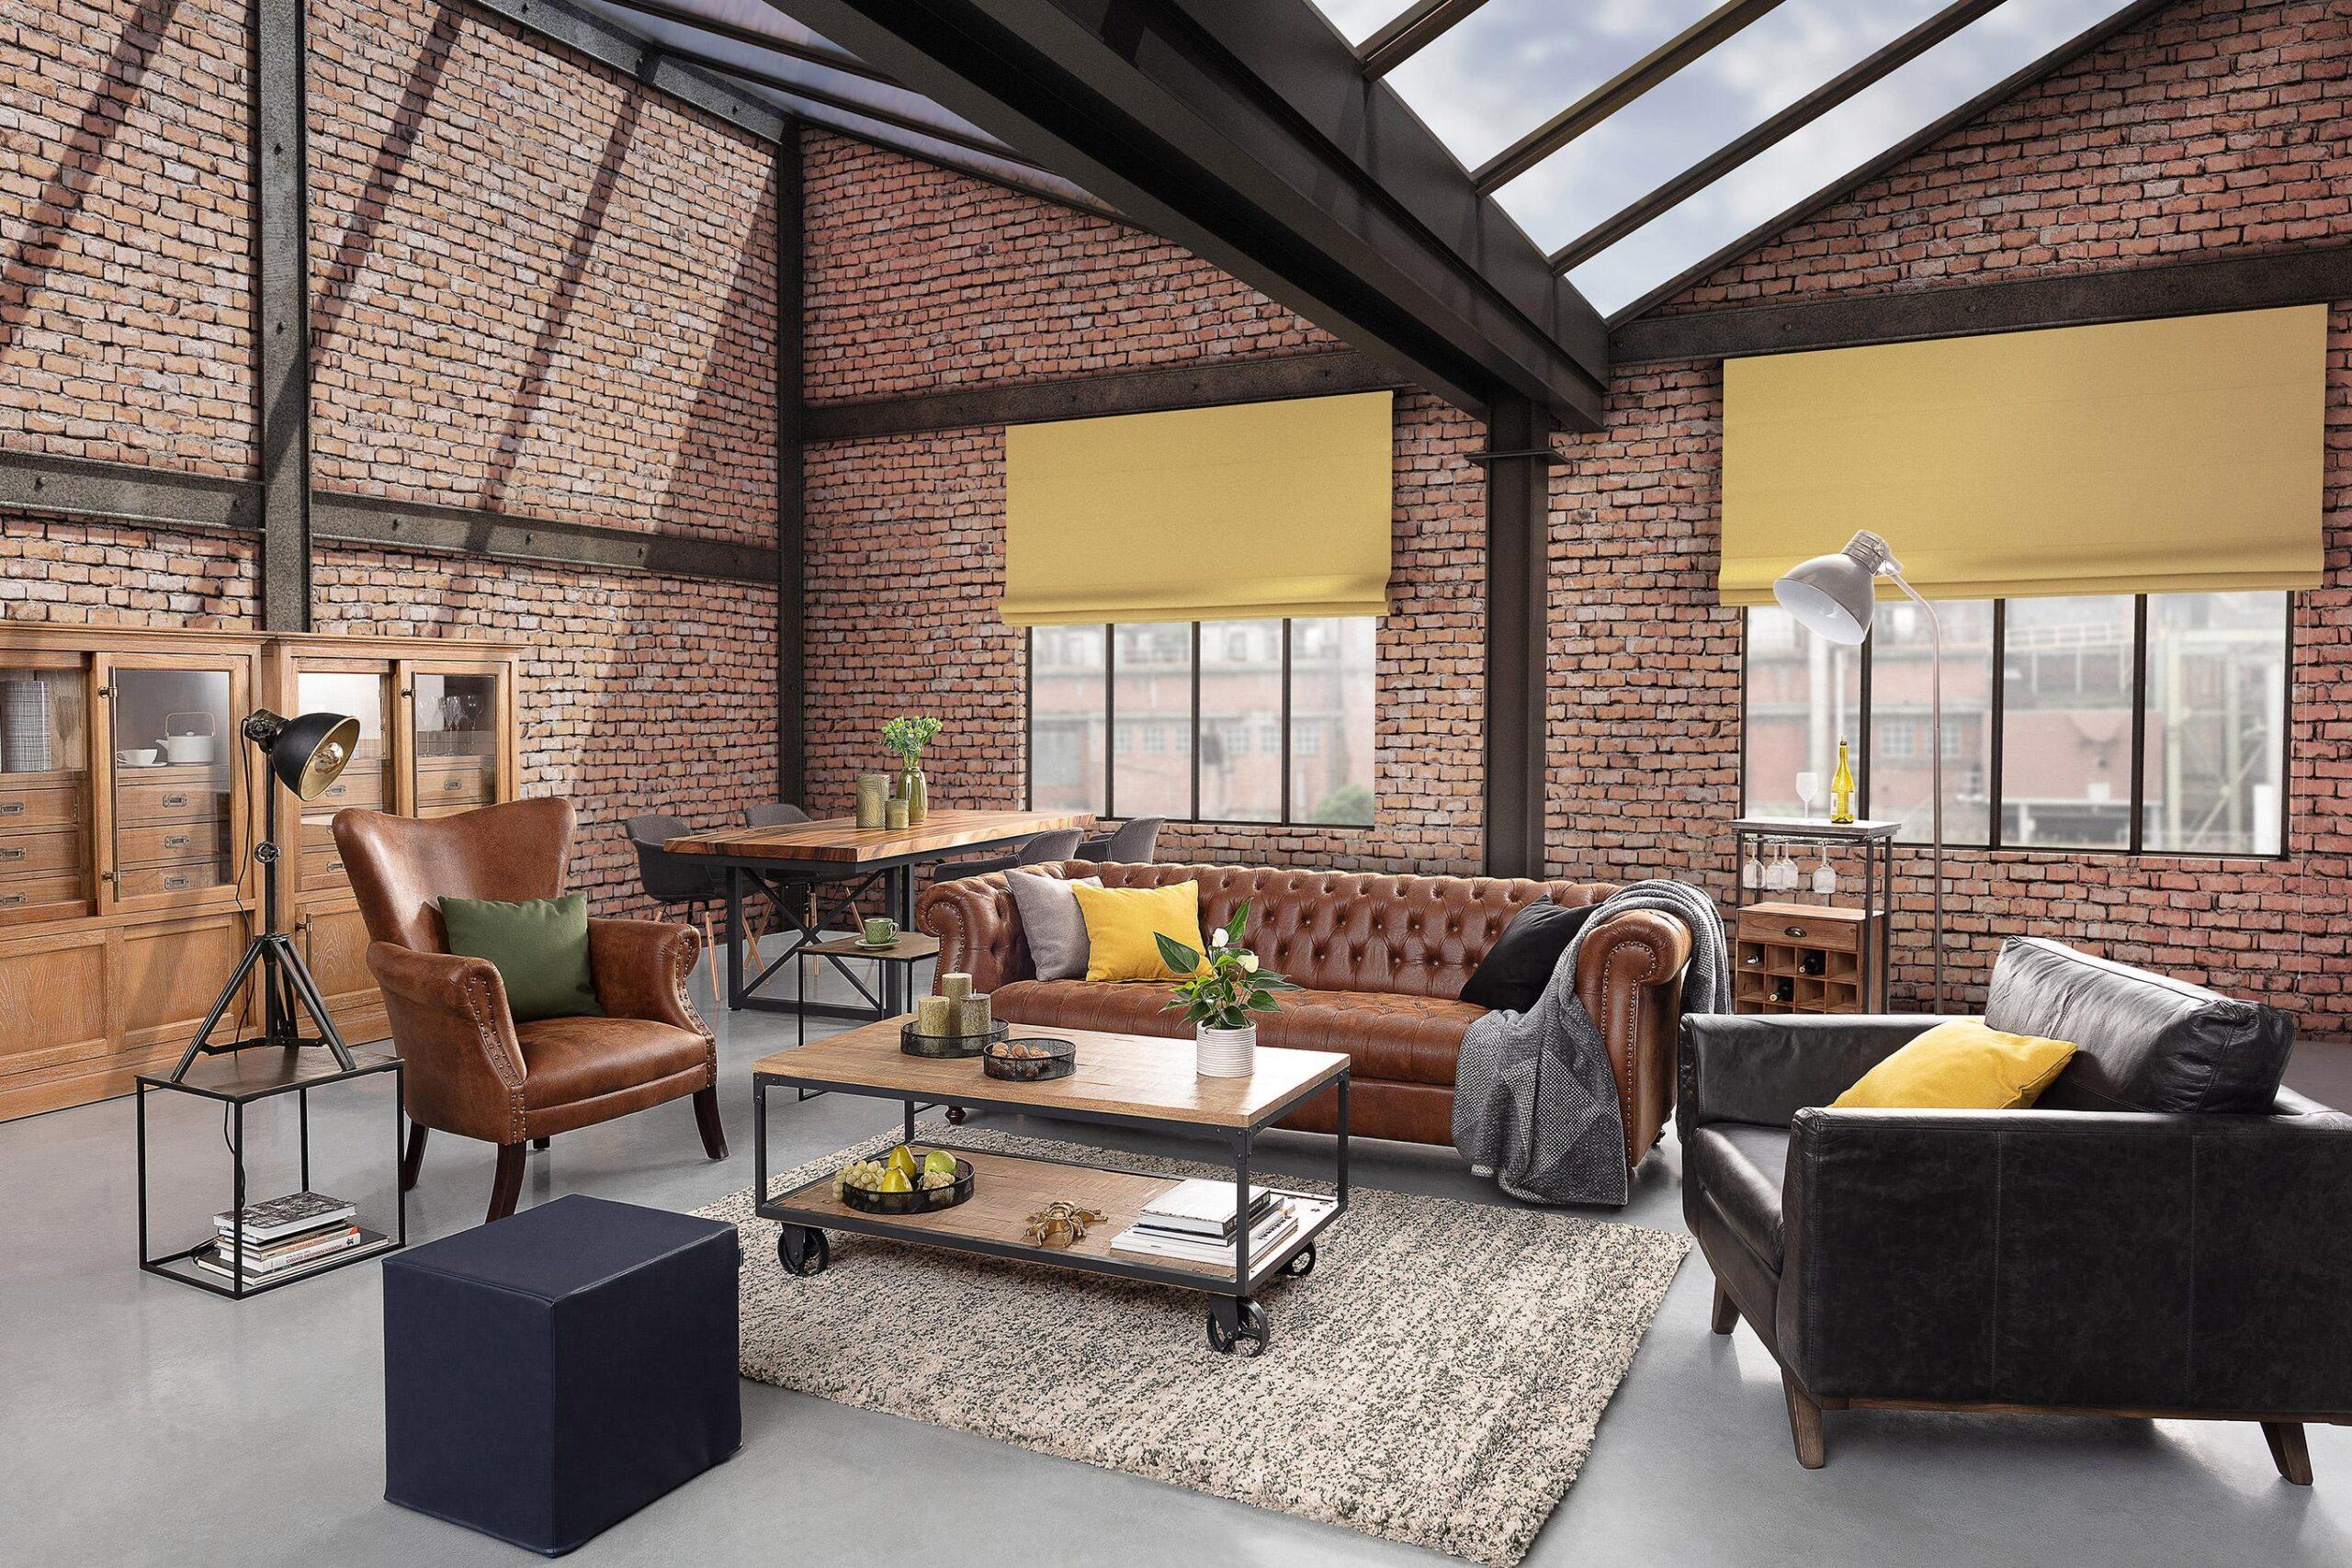 Full Size of Wohnzimmer Modern Ideen Dekoration Dekorieren Modernisieren Eiche Rustikal Altes Grau Luxus Mit Kamin Industrial Loft Couch Gardinen Vorhänge Schrankwand Led Wohnzimmer Wohnzimmer Modern